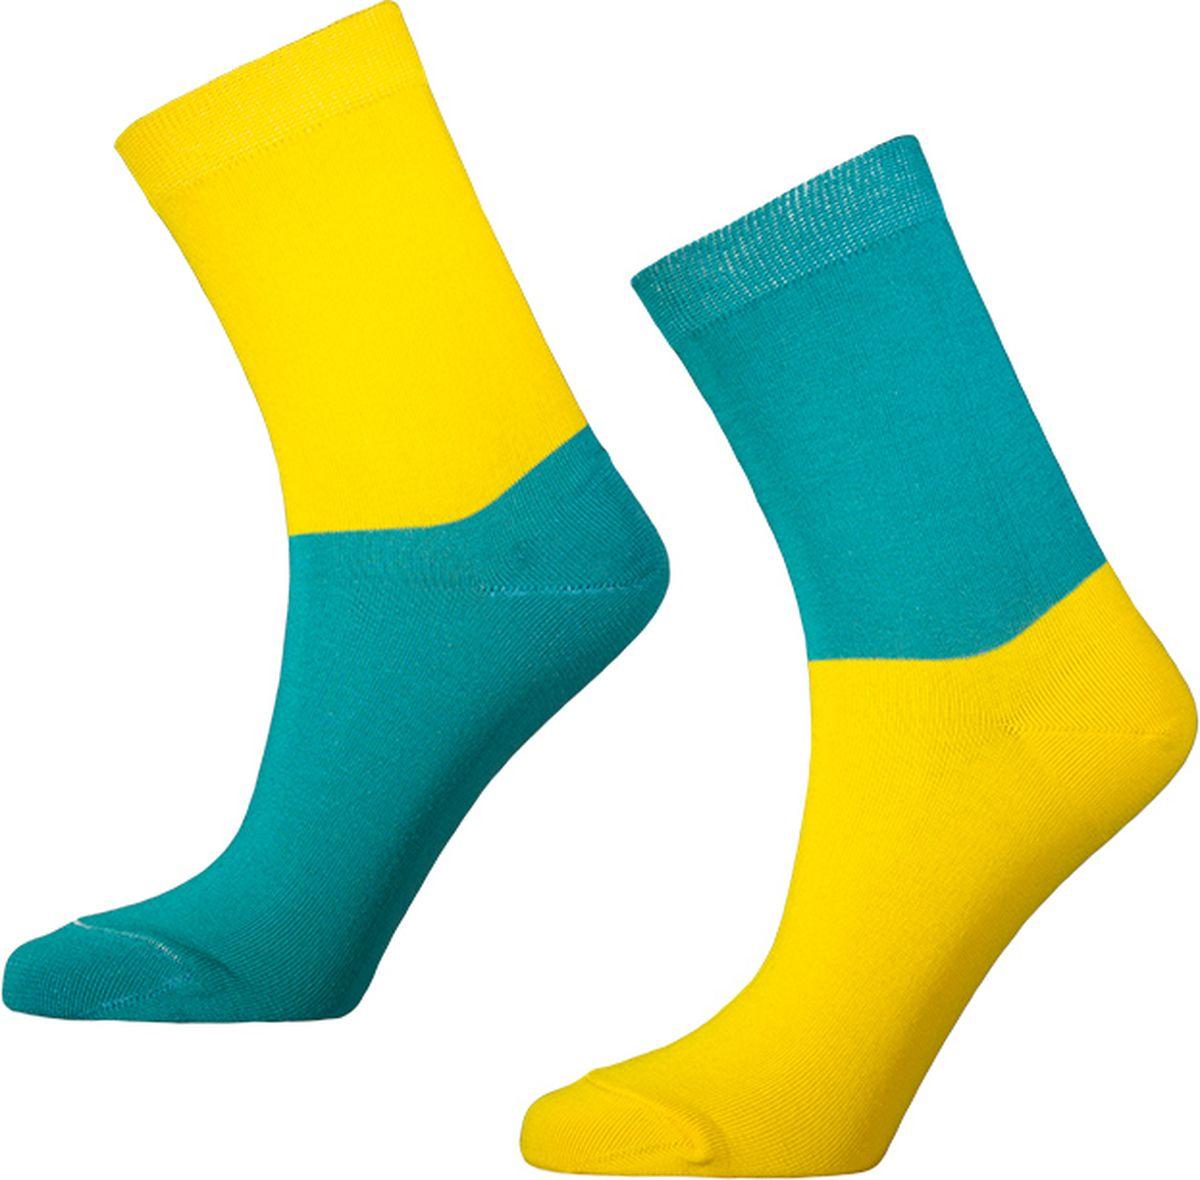 где купить Носки мужские Big Bang Socks, цвет: желтый, бирюзовый, 2 пары. d441. Размер 40/44 по лучшей цене